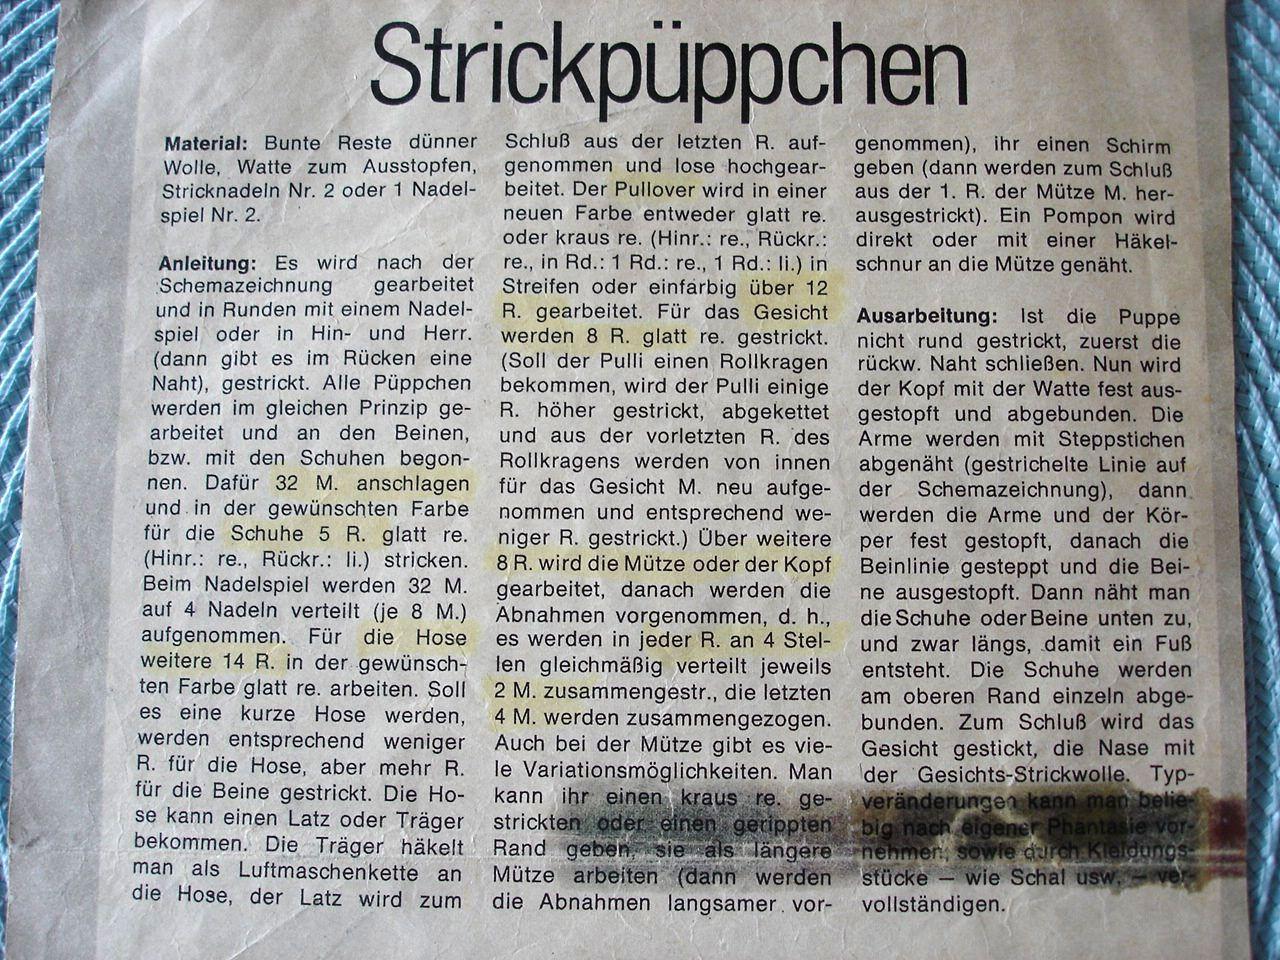 Photo of Strickpüppchen2